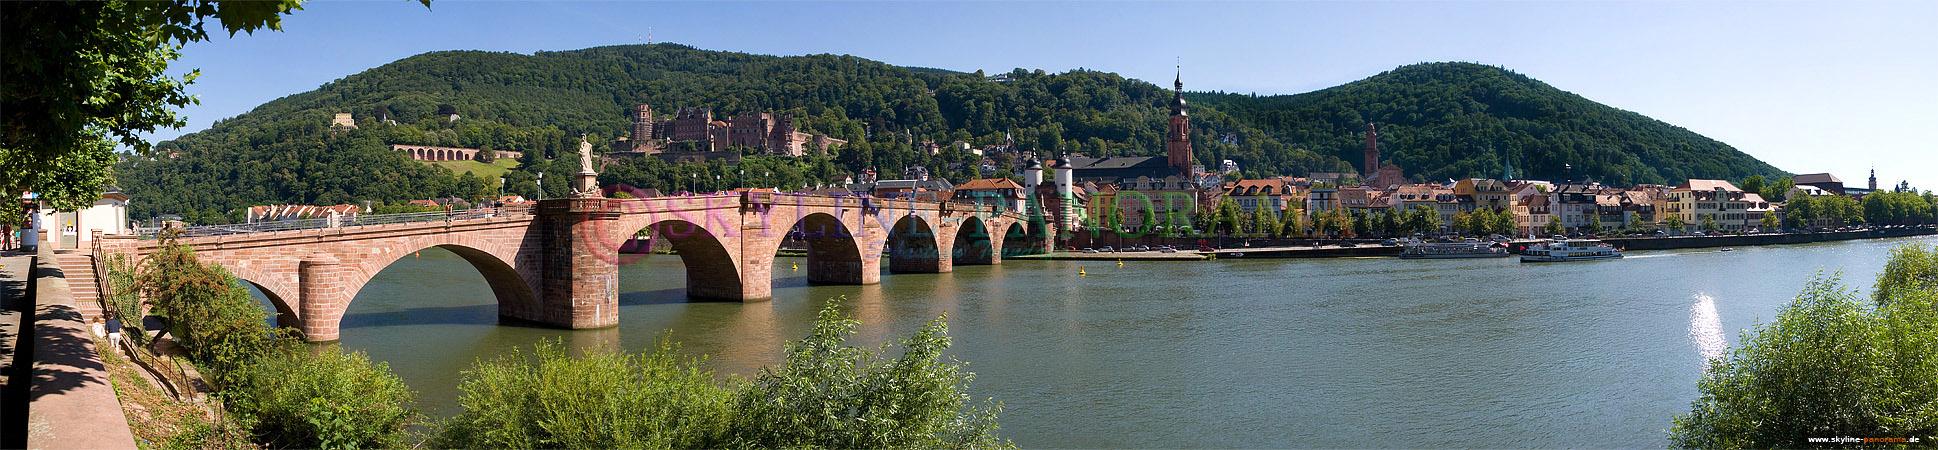 Bilder der Altstadt - Stadtansicht von Heidelberg mit der Alten Brücke (Karl-Theodor-Brücke) am Tag.